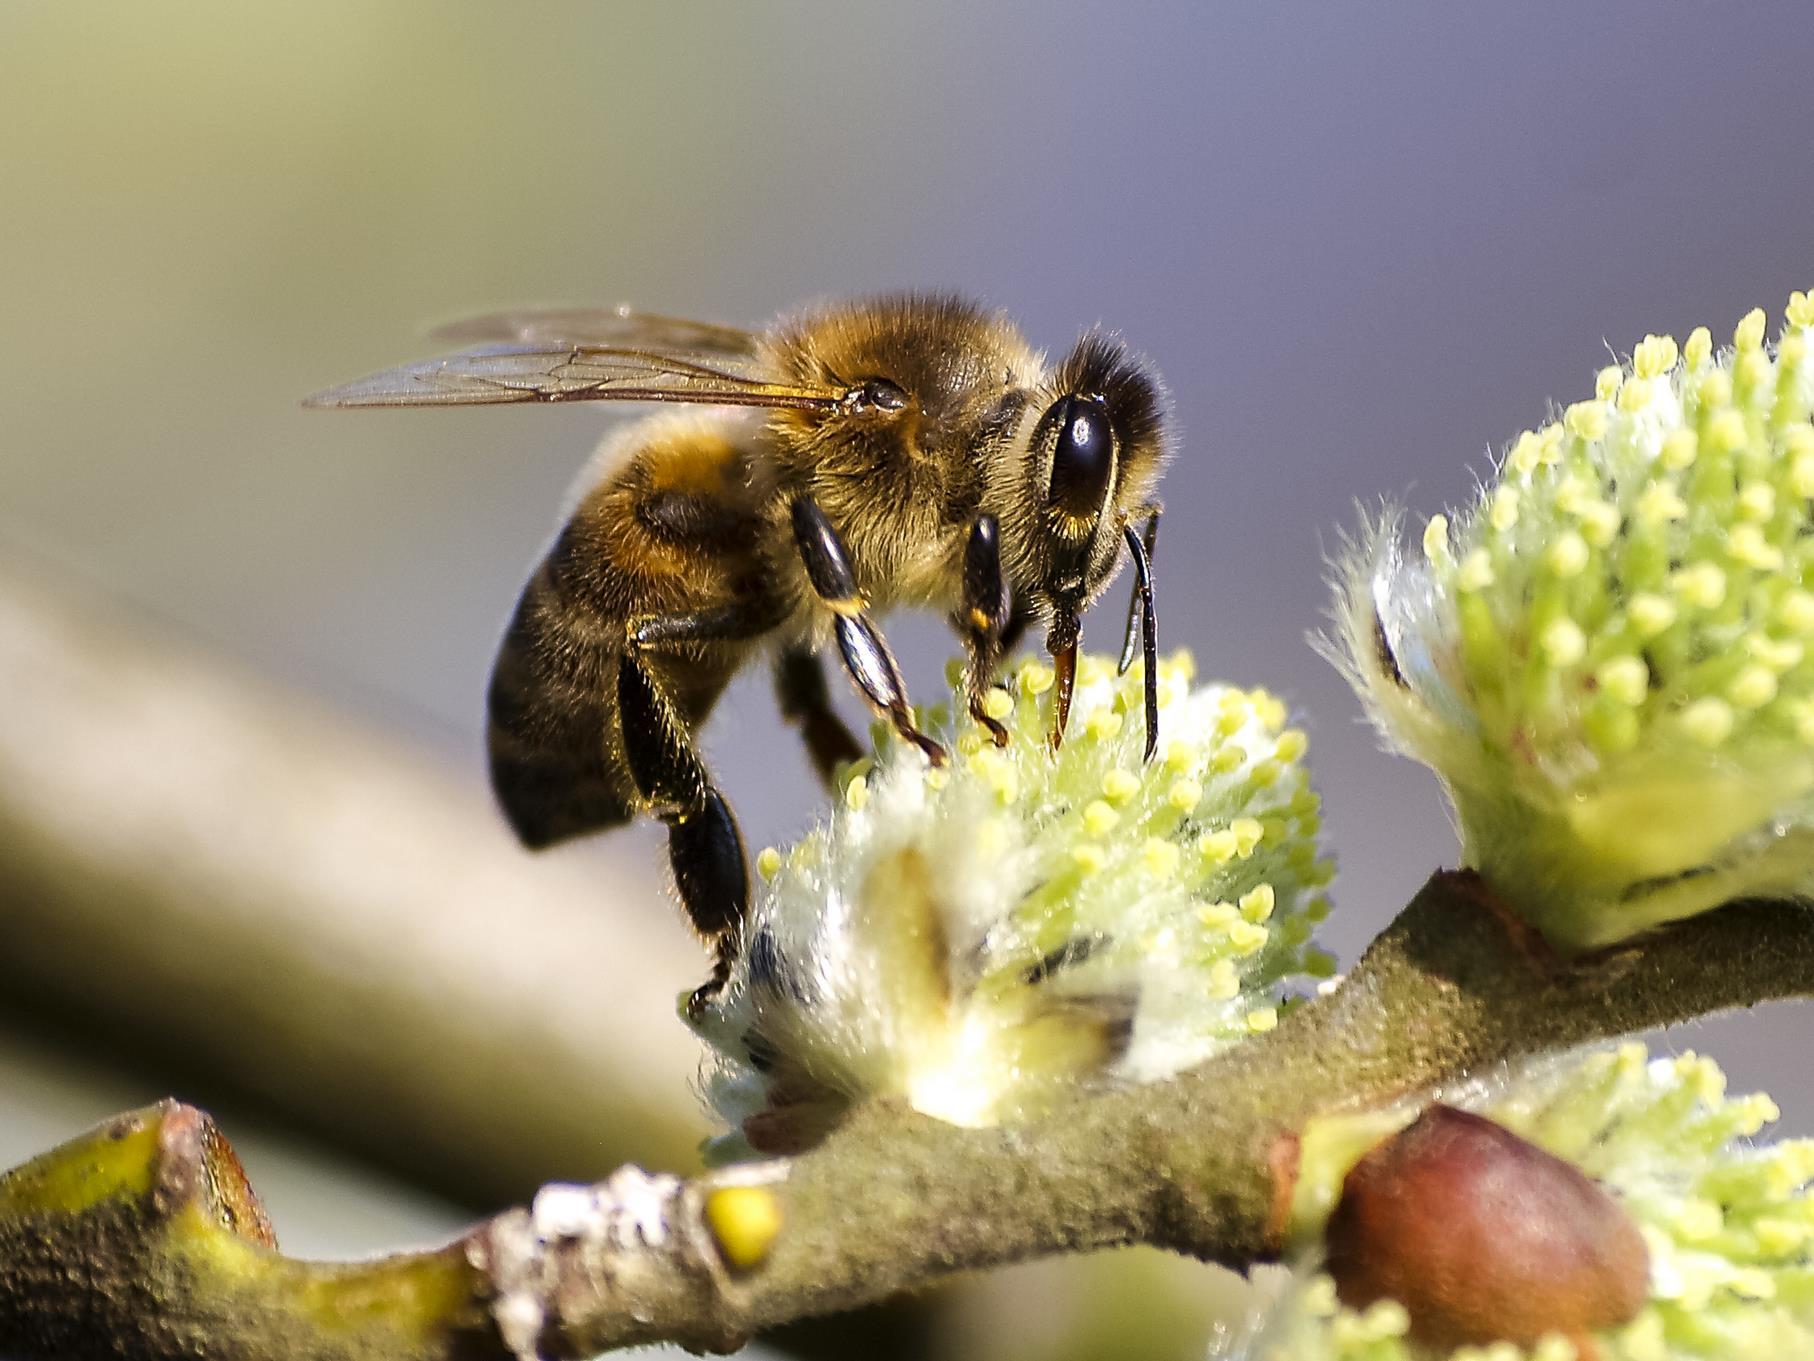 Eine Honigbiene sitzt auf einer blühenden Weide.